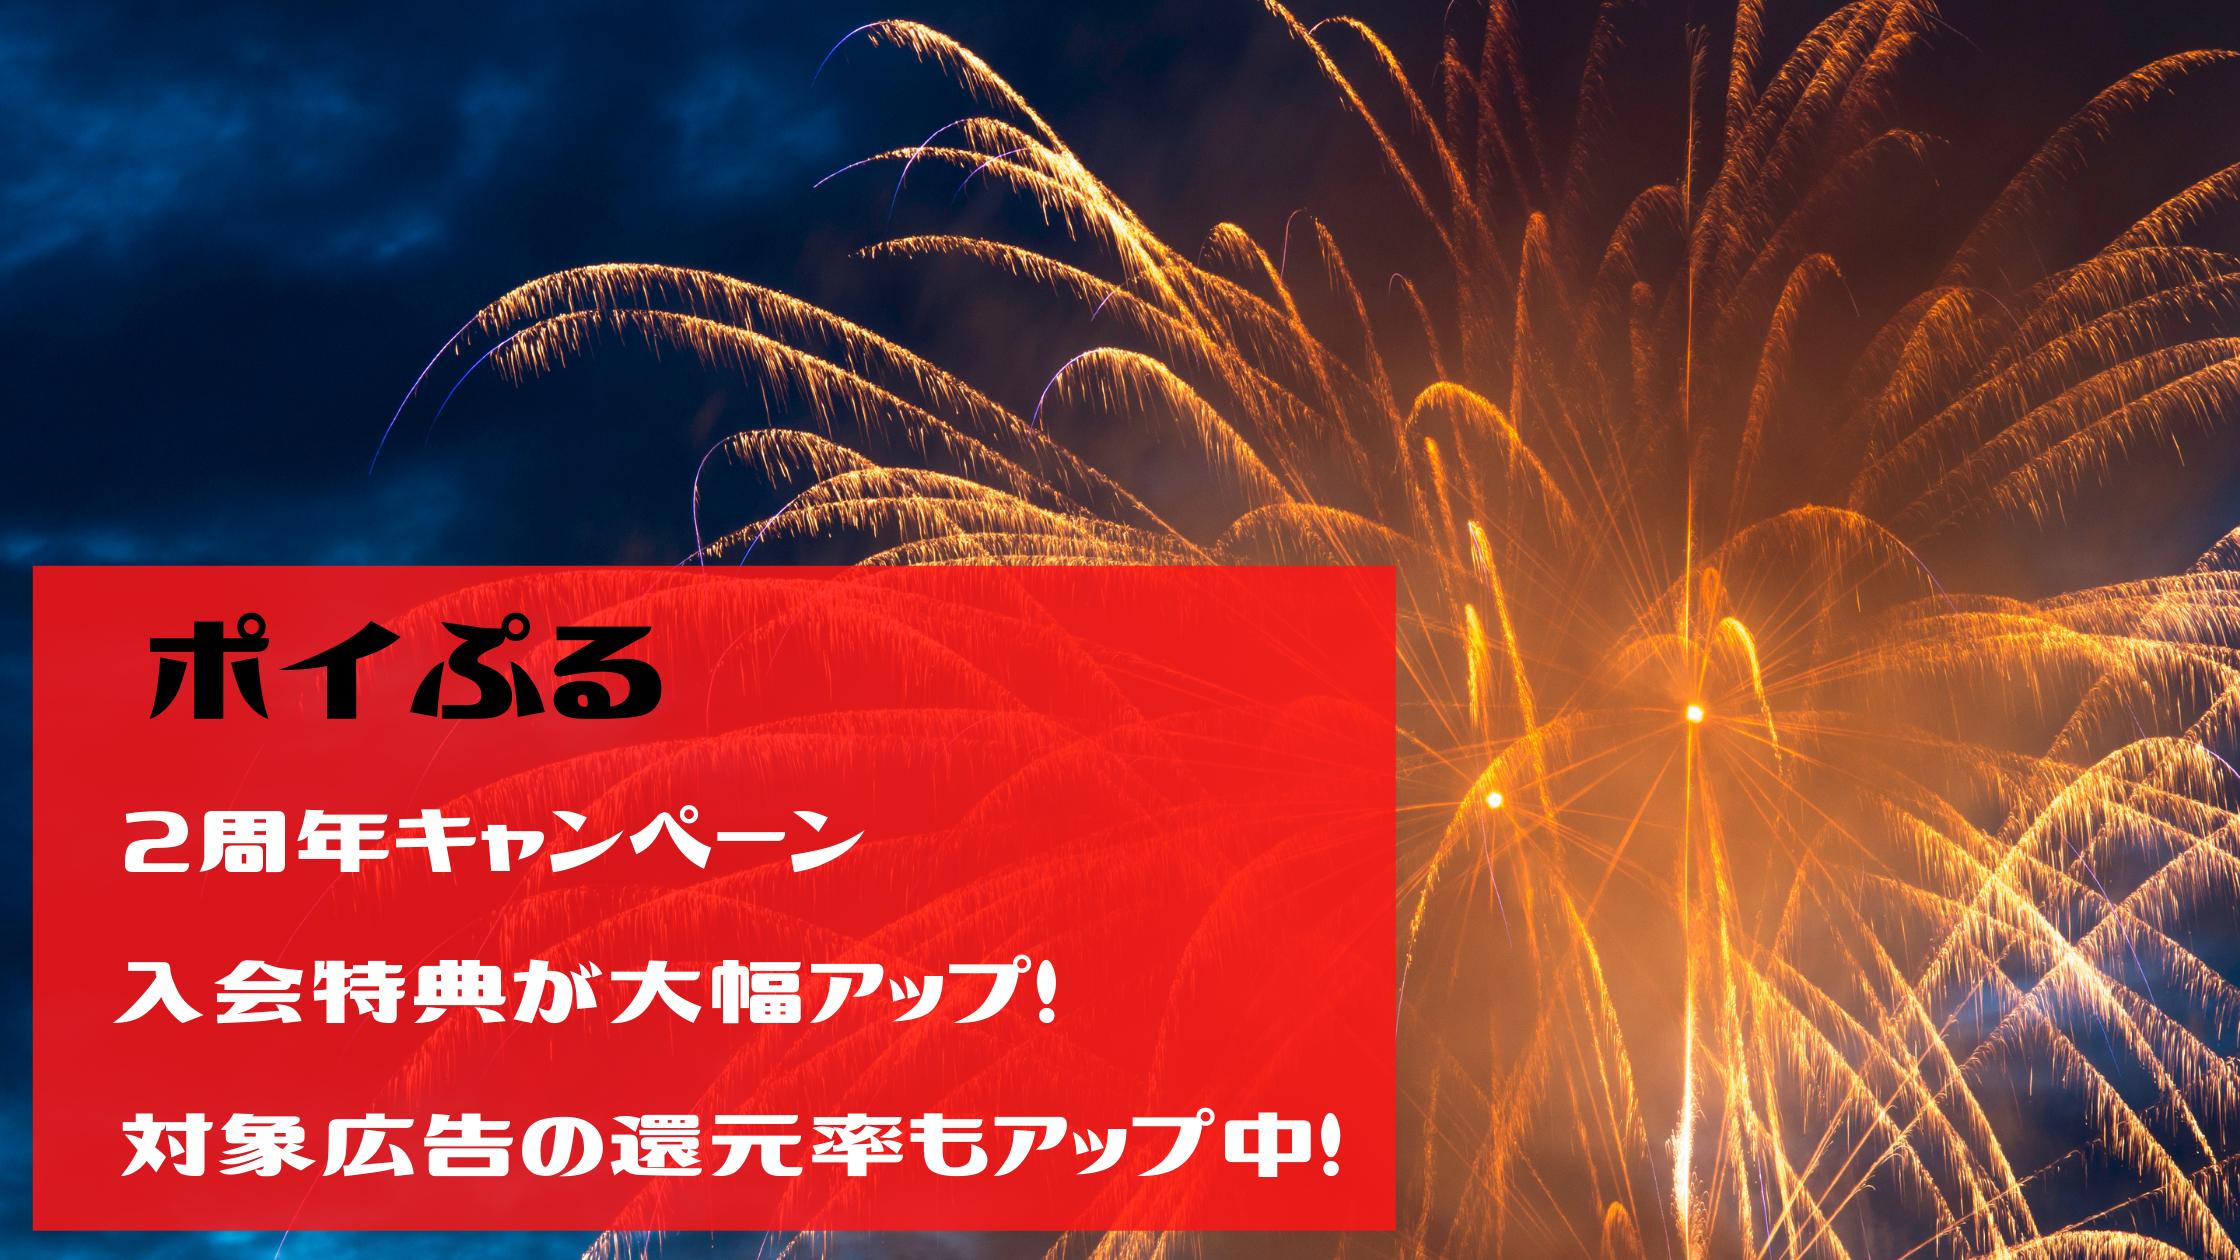 ポイぷる 2周年キャンペーン、新規入会で最大700円貰える